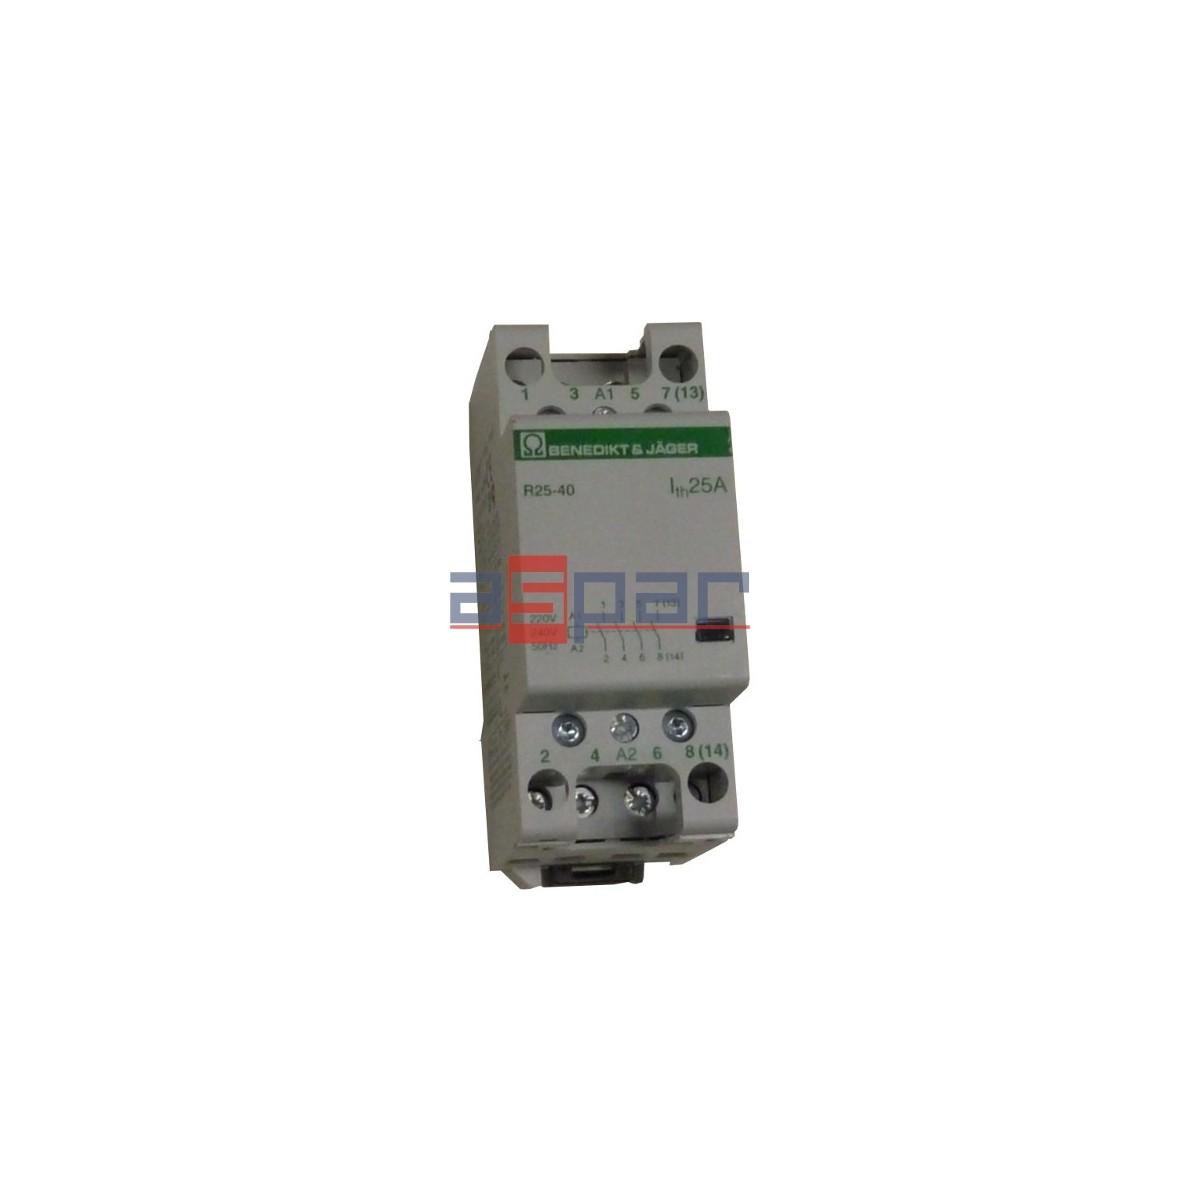 Stycznik modułowy 25A, 4-polowy, 4xNO, 230VAC, R25-40-230-000